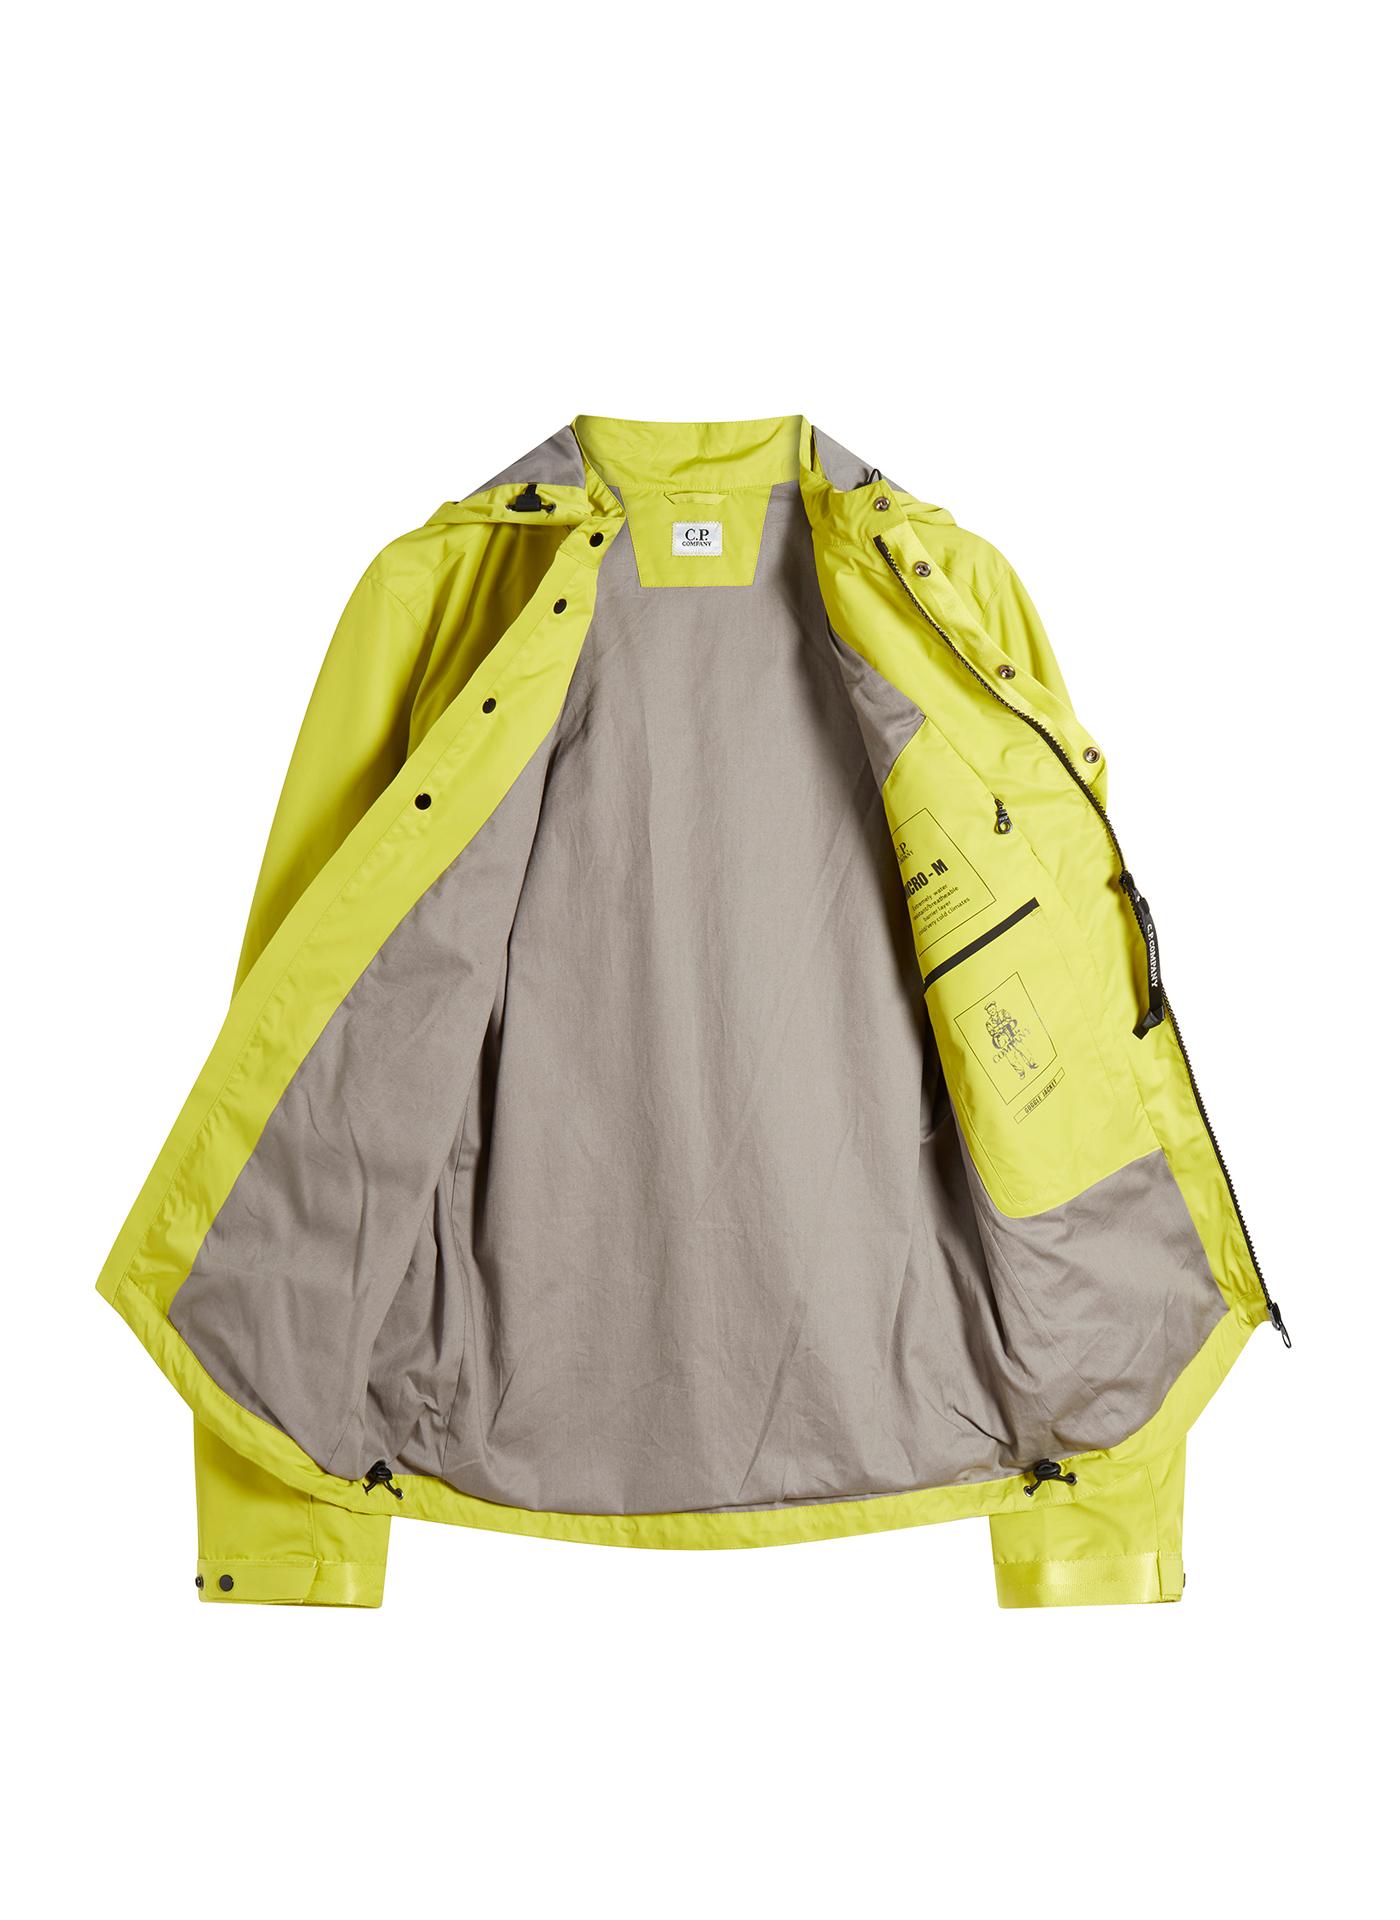 C.P. Company Yellow jacket opened on white background